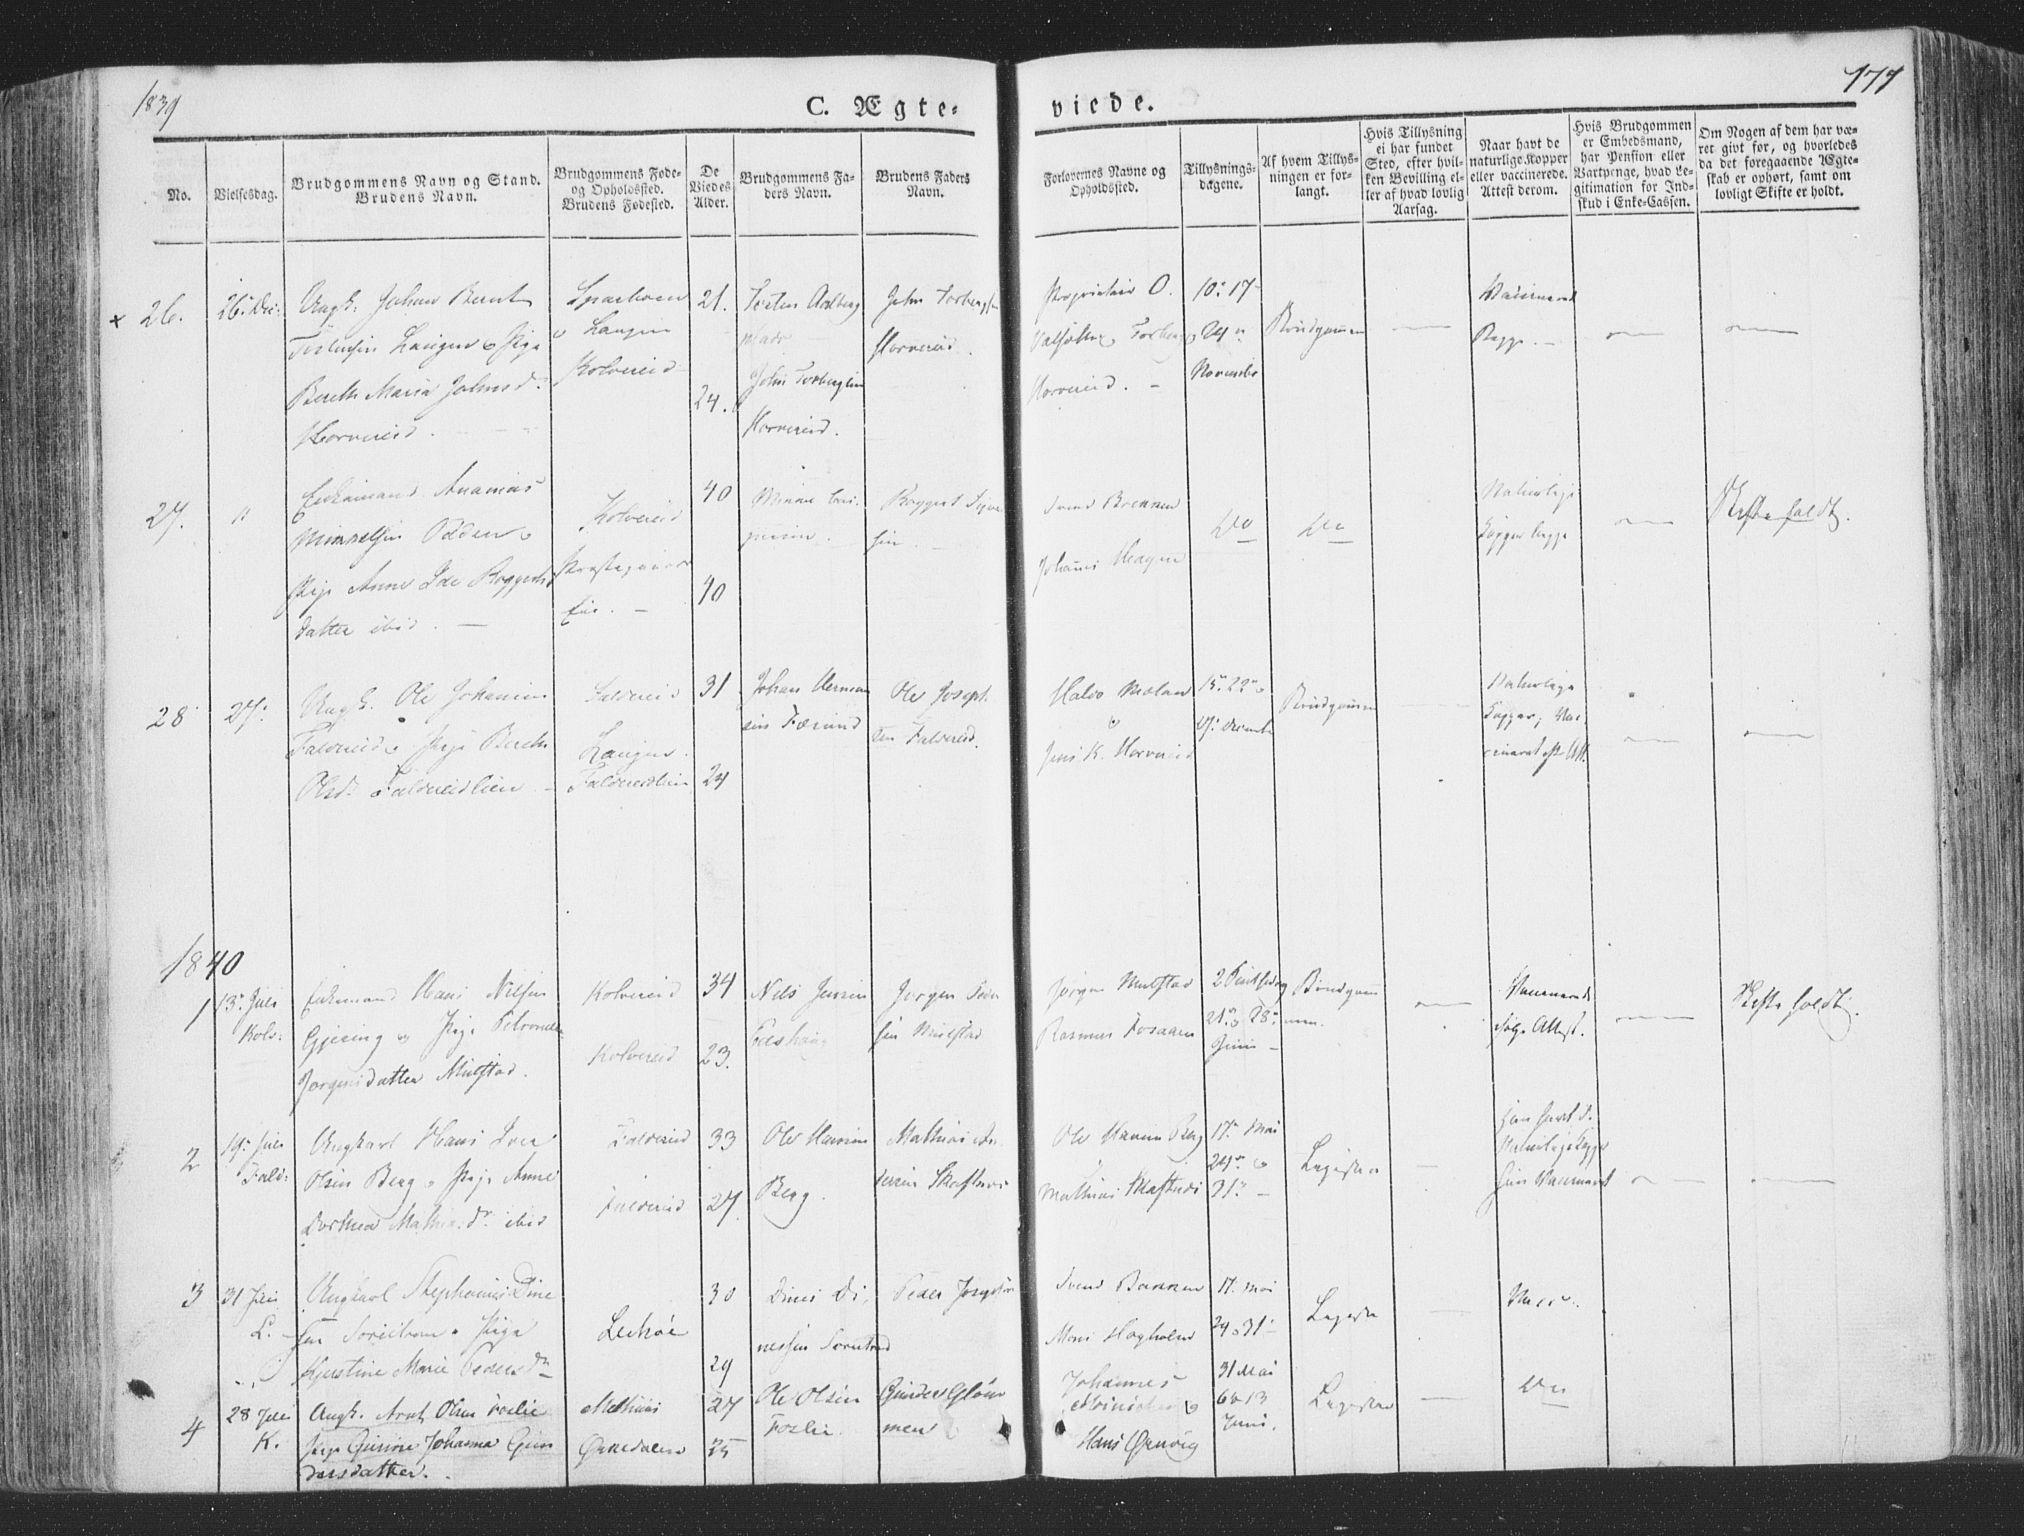 SAT, Ministerialprotokoller, klokkerbøker og fødselsregistre - Nord-Trøndelag, 780/L0639: Ministerialbok nr. 780A04, 1830-1844, s. 171